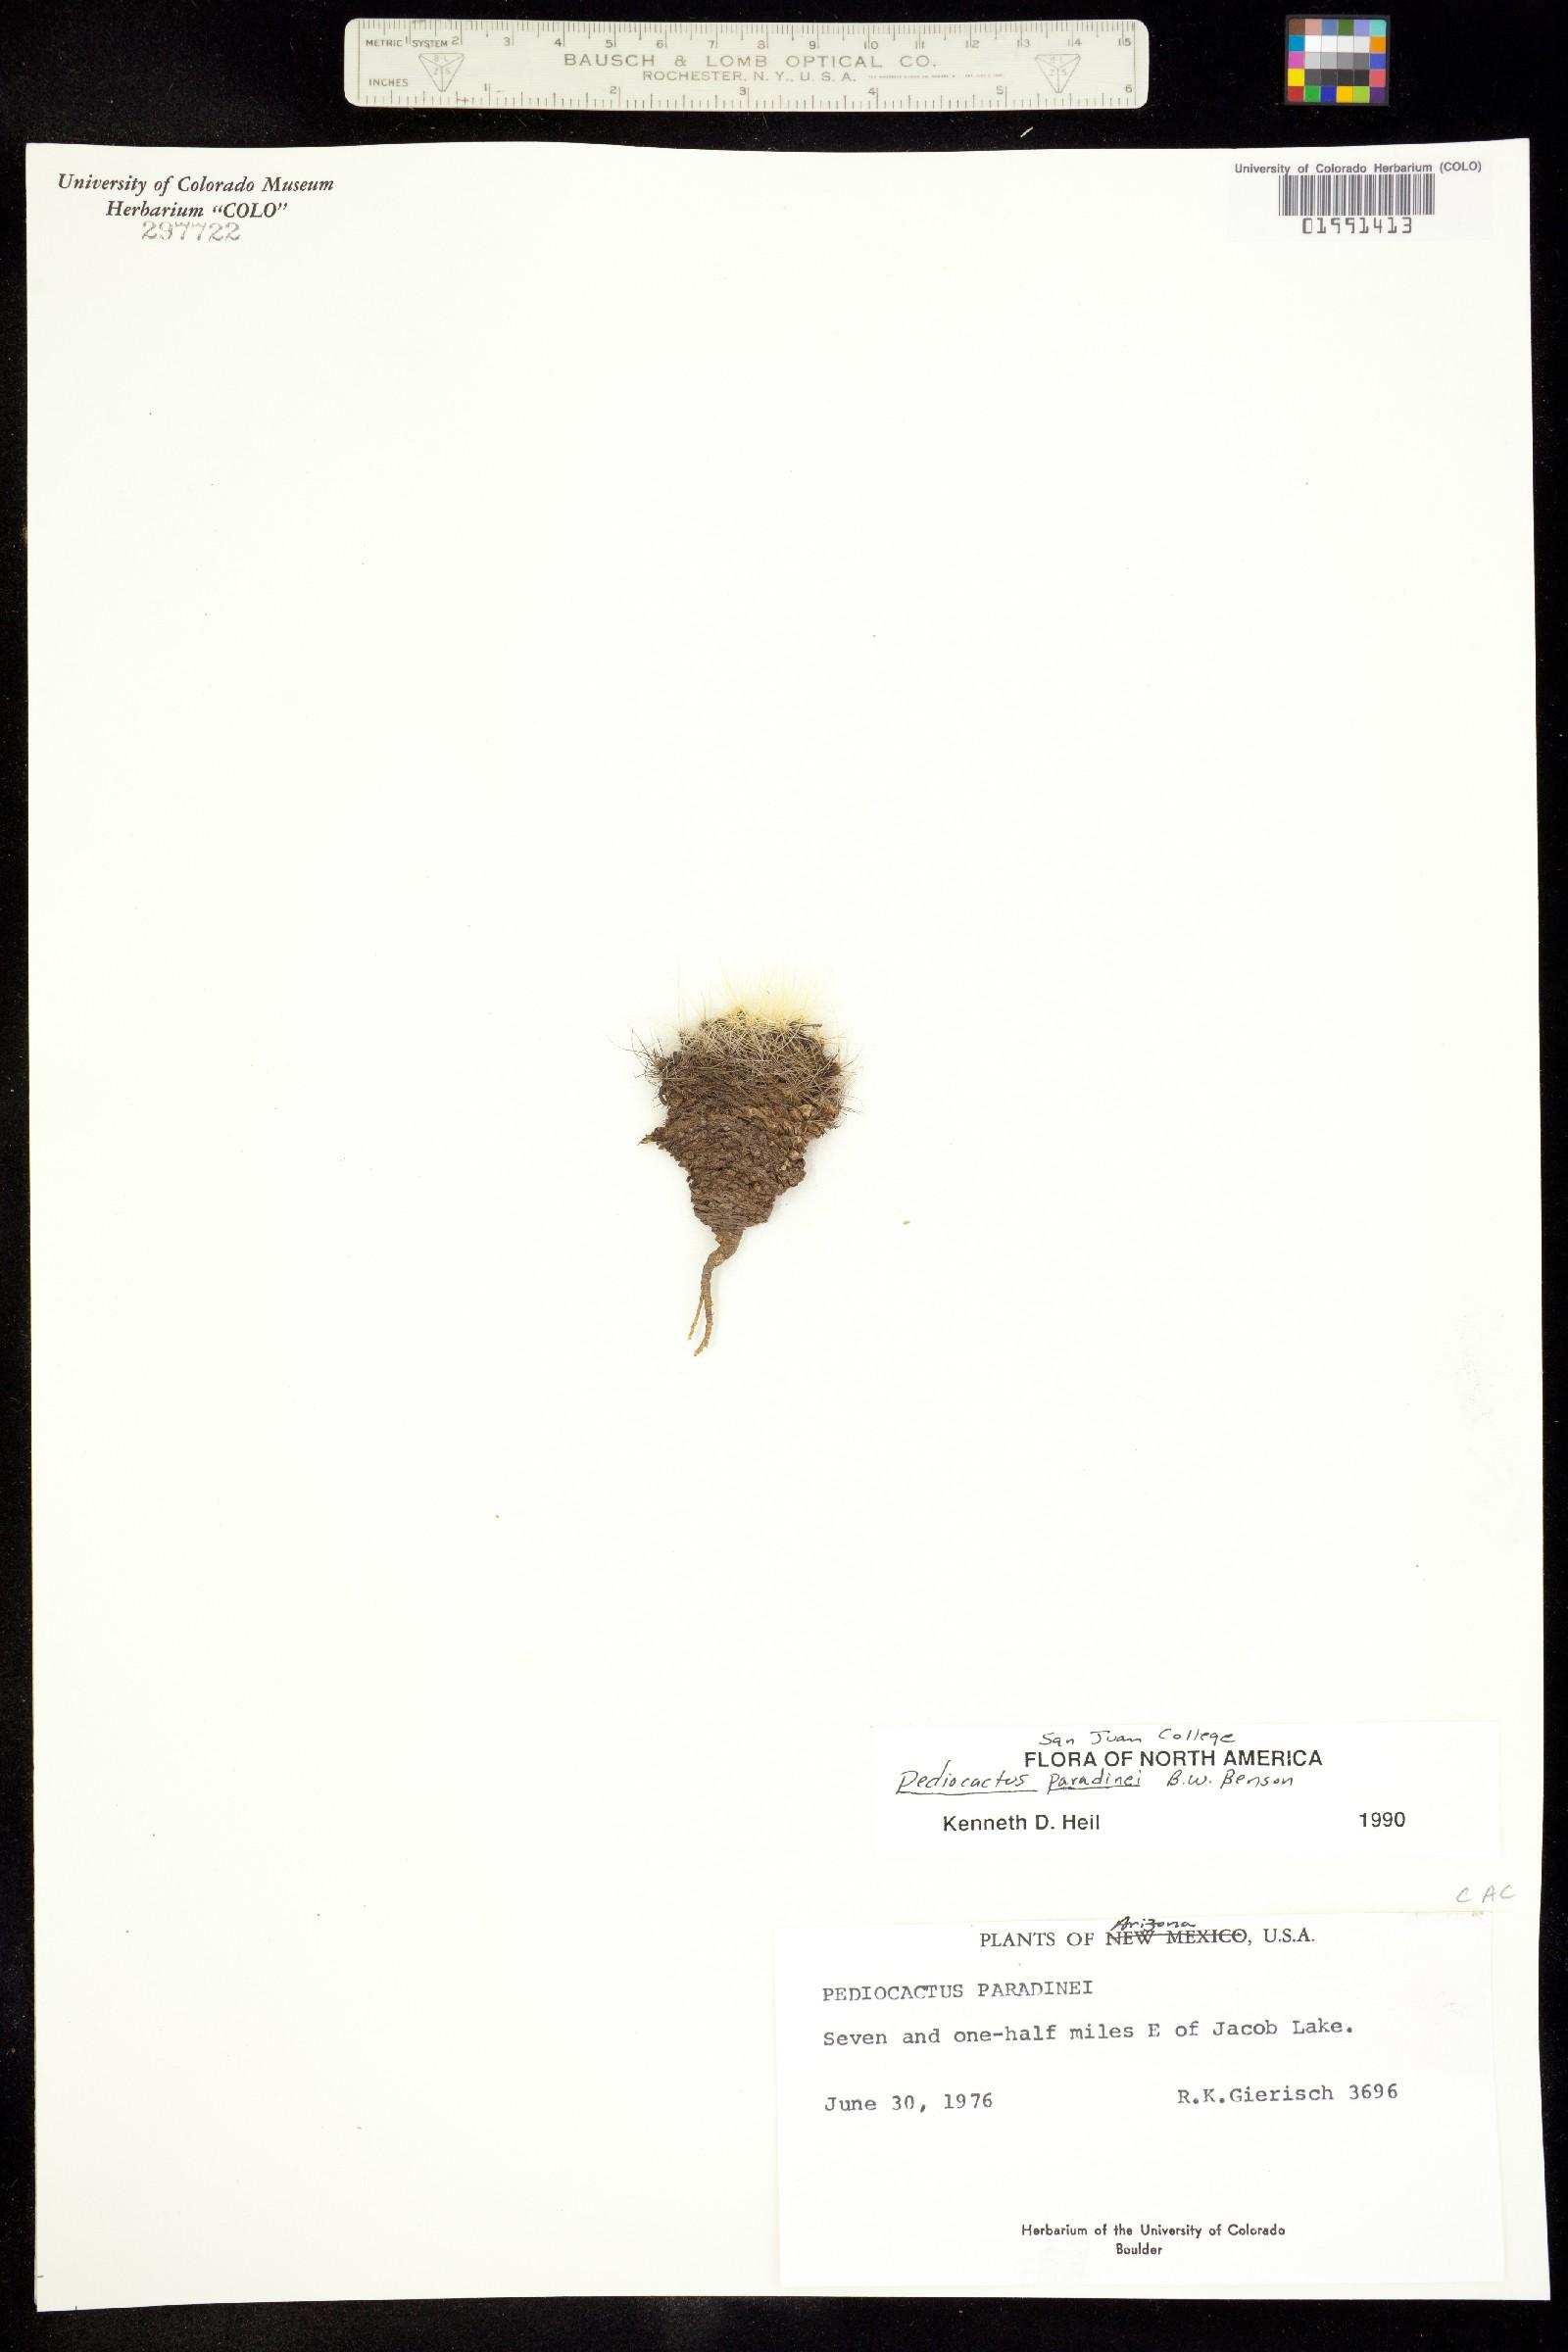 Pediocactus paradinei image